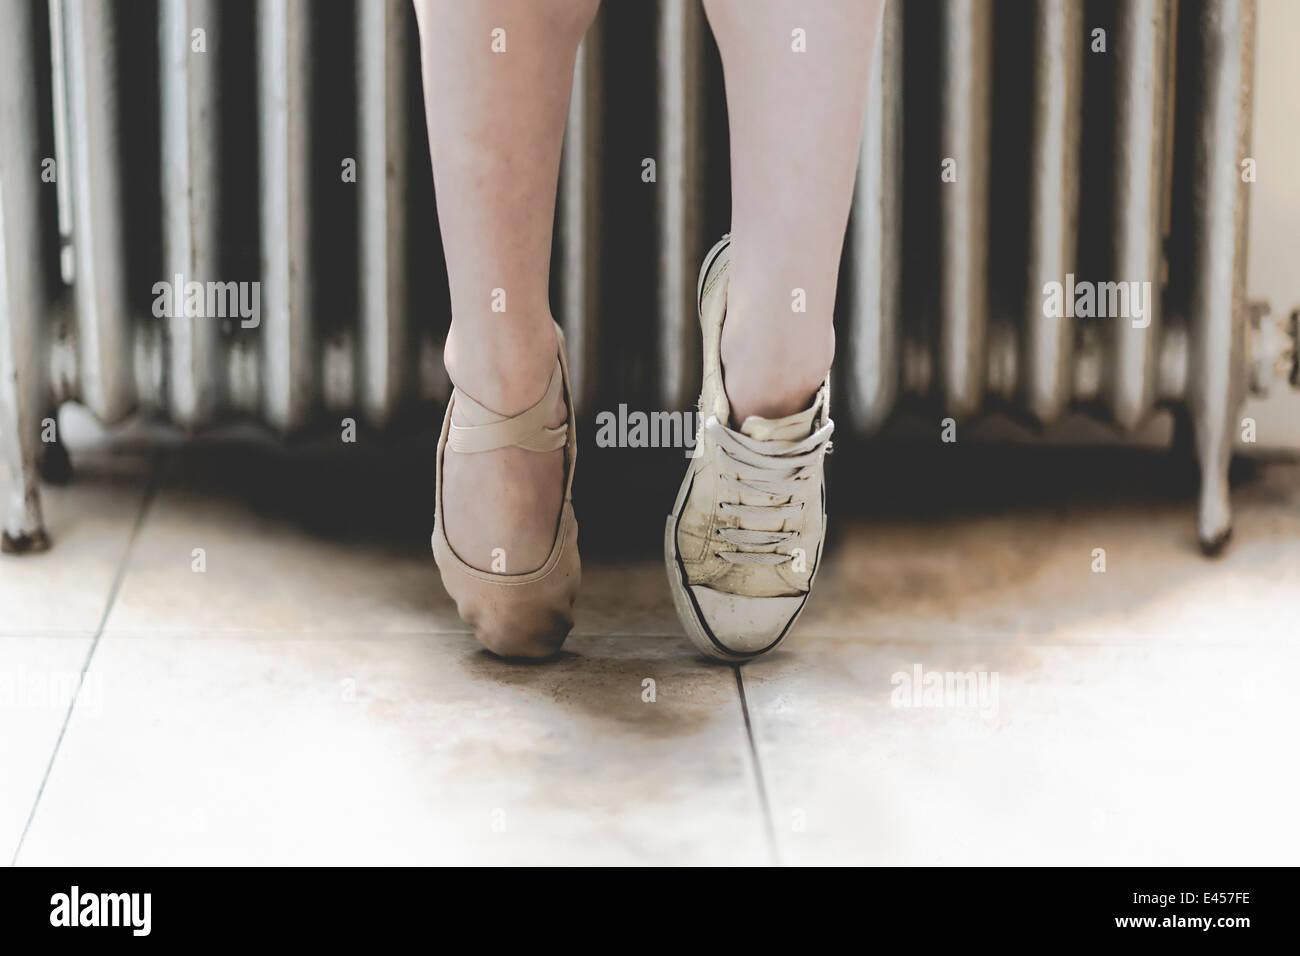 Danseur de Ballet d'en porter un et l'autre chaussure sneaker Photo Stock